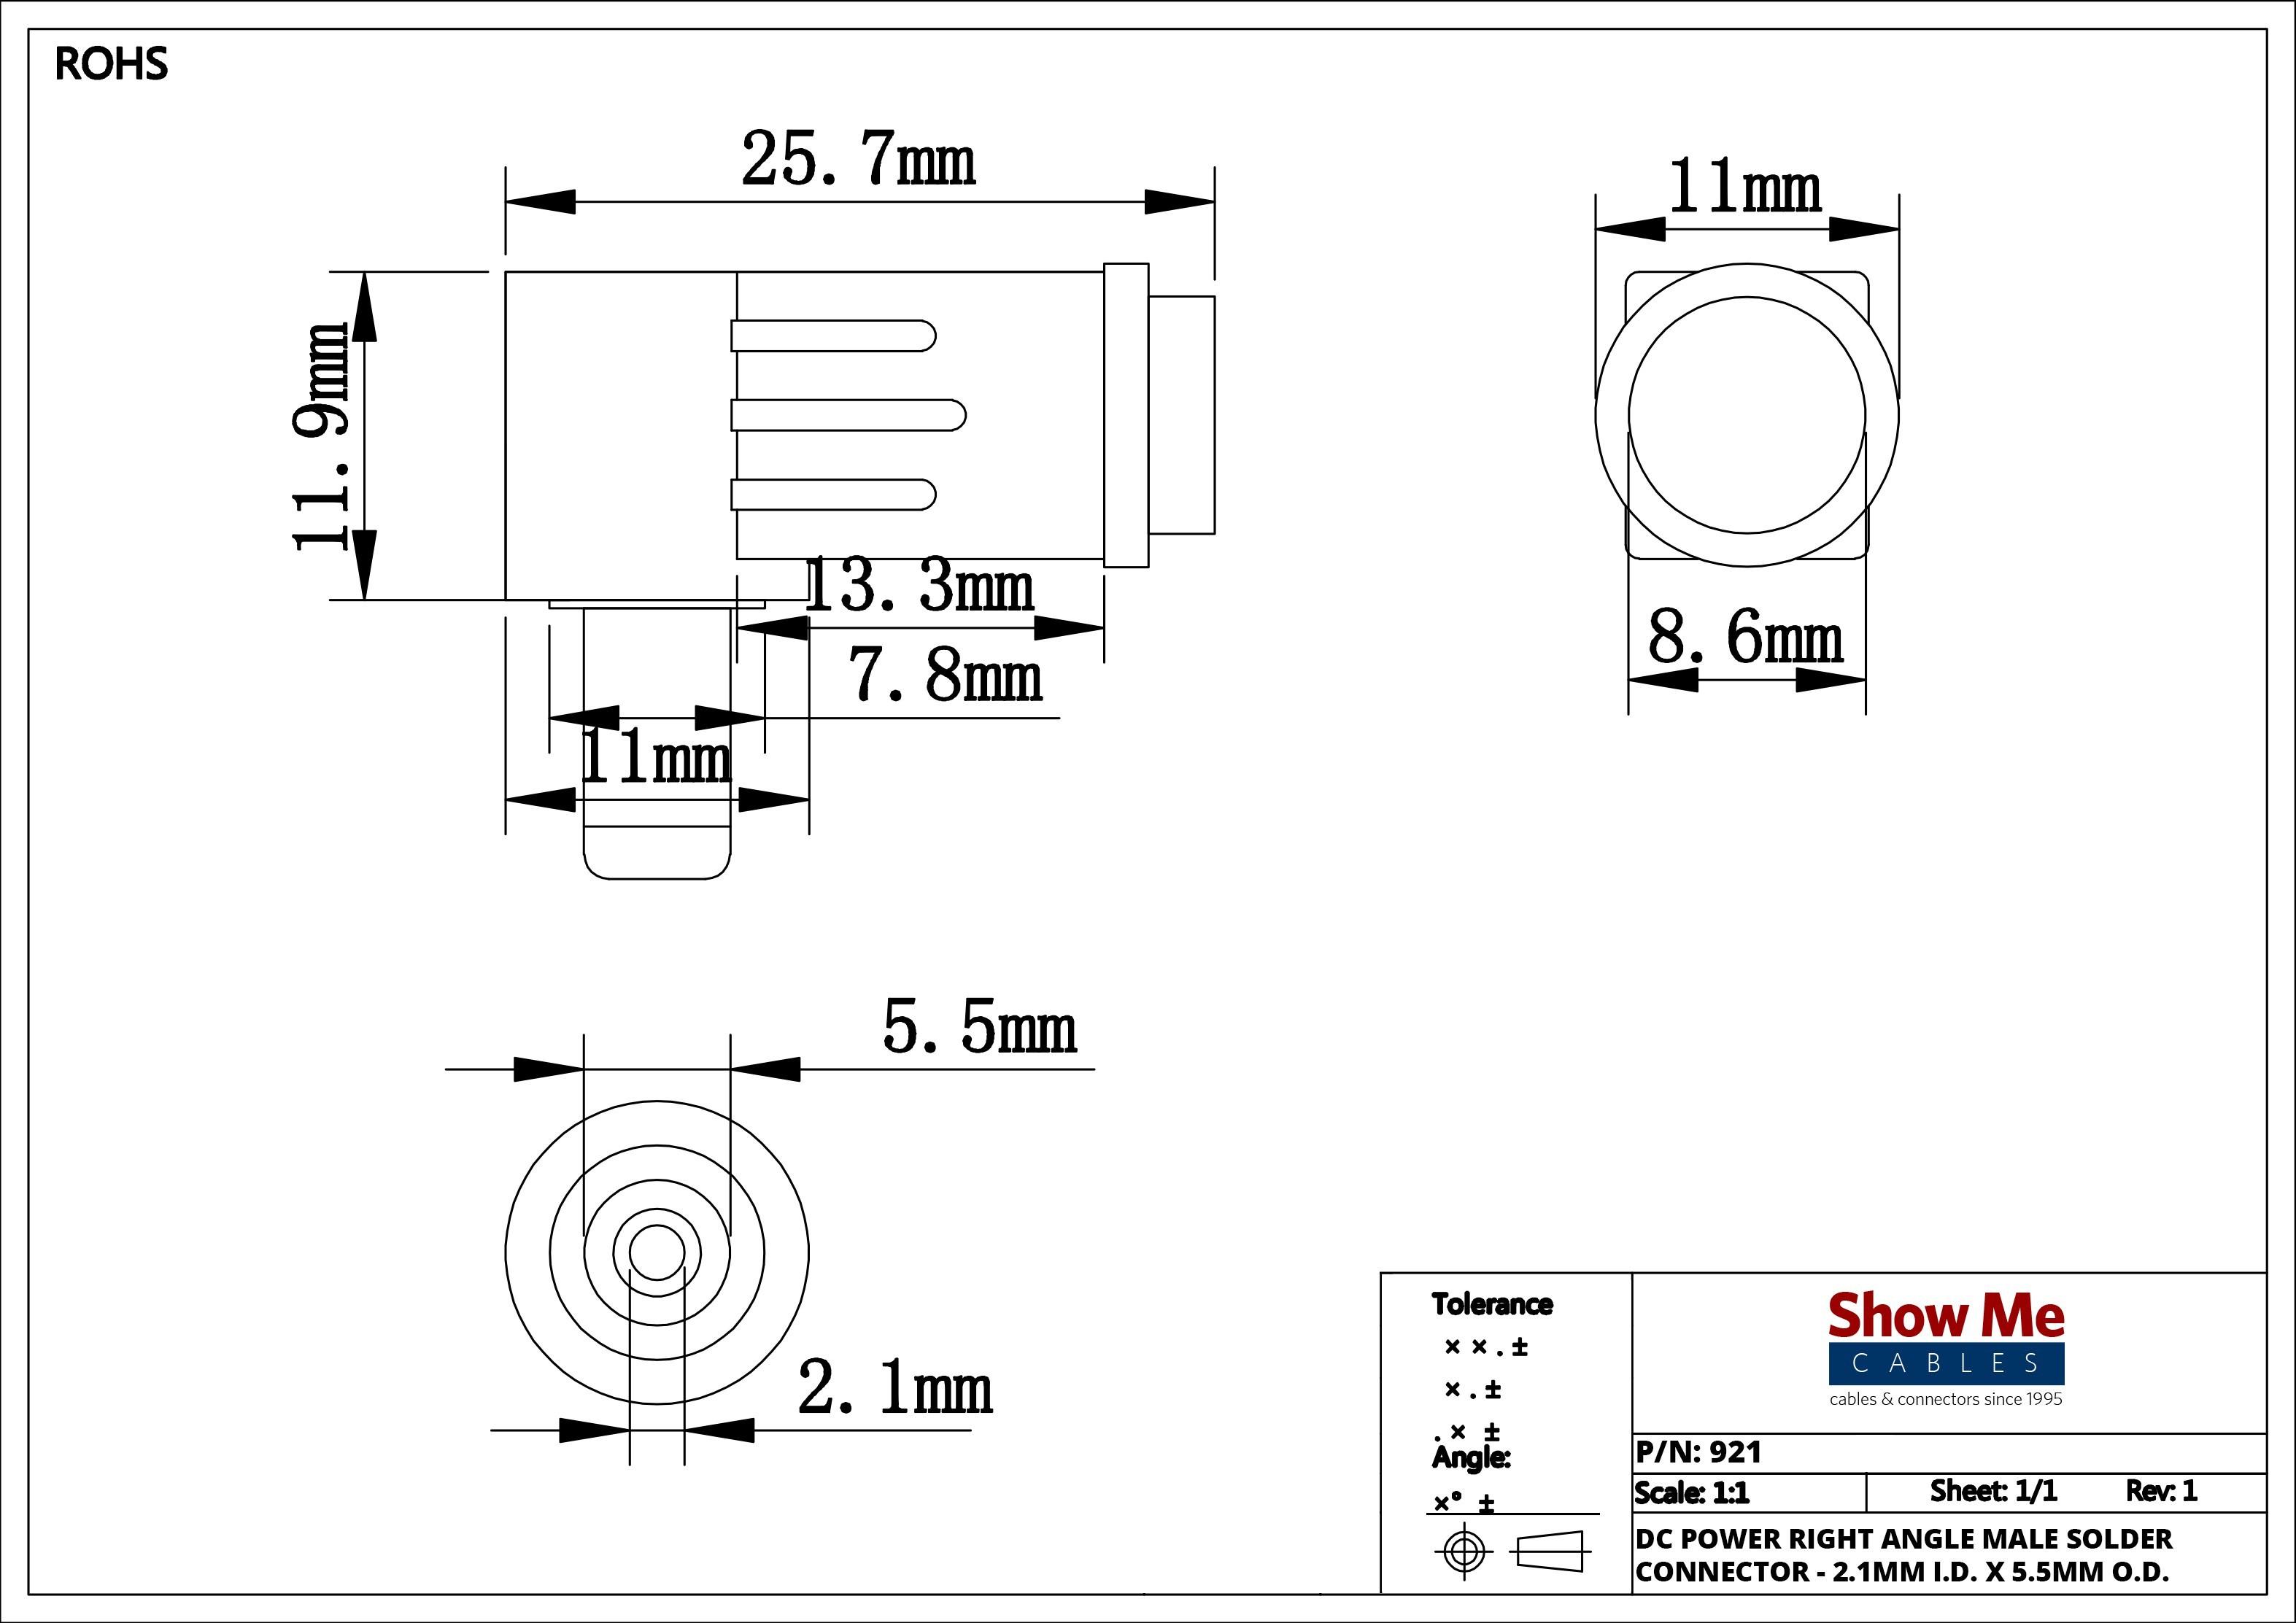 Home theatre Wiring Diagram Speaker Wiring Diagram Home Another Blog About Wiring Diagram • Of Home theatre Wiring Diagram